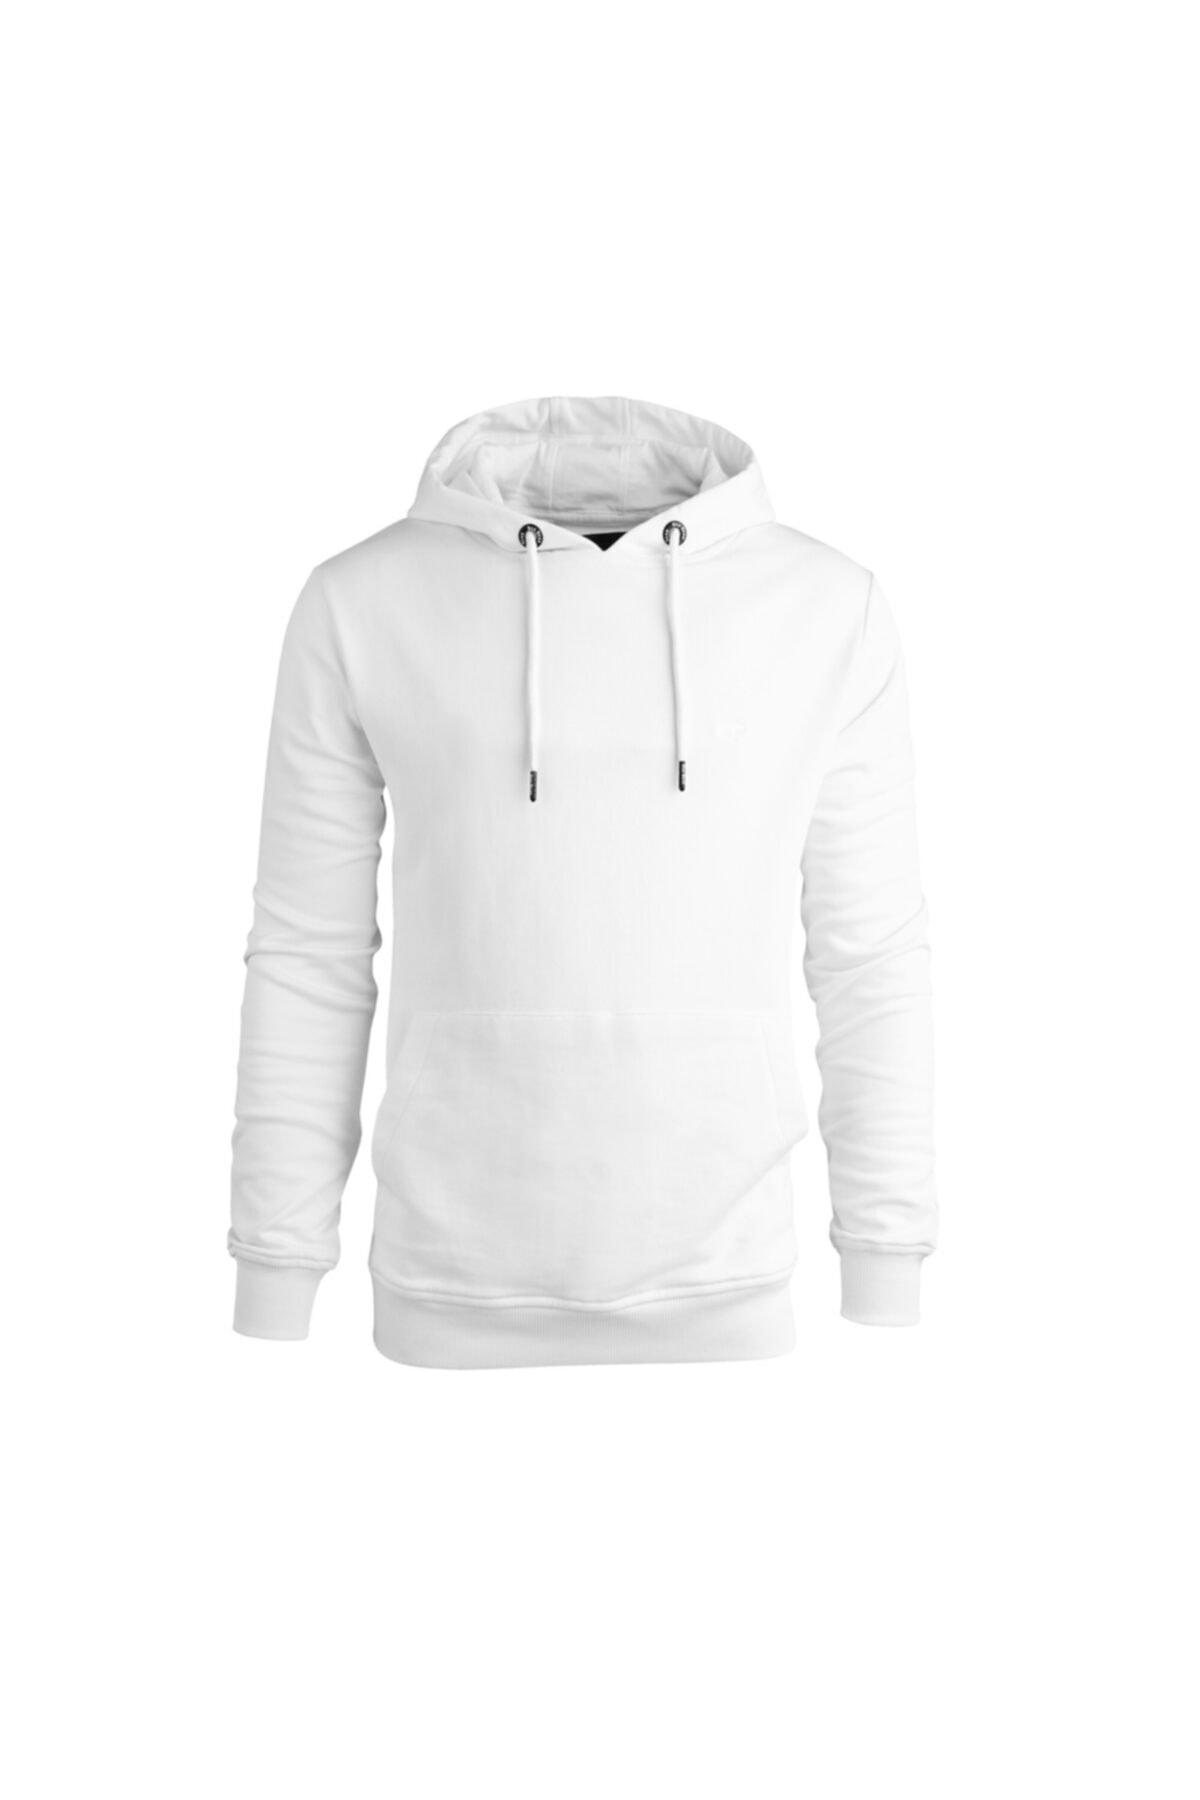 Bad Bear Erkek Beyaz Hoodie Badge Sweatshirt 200212050-wht 1